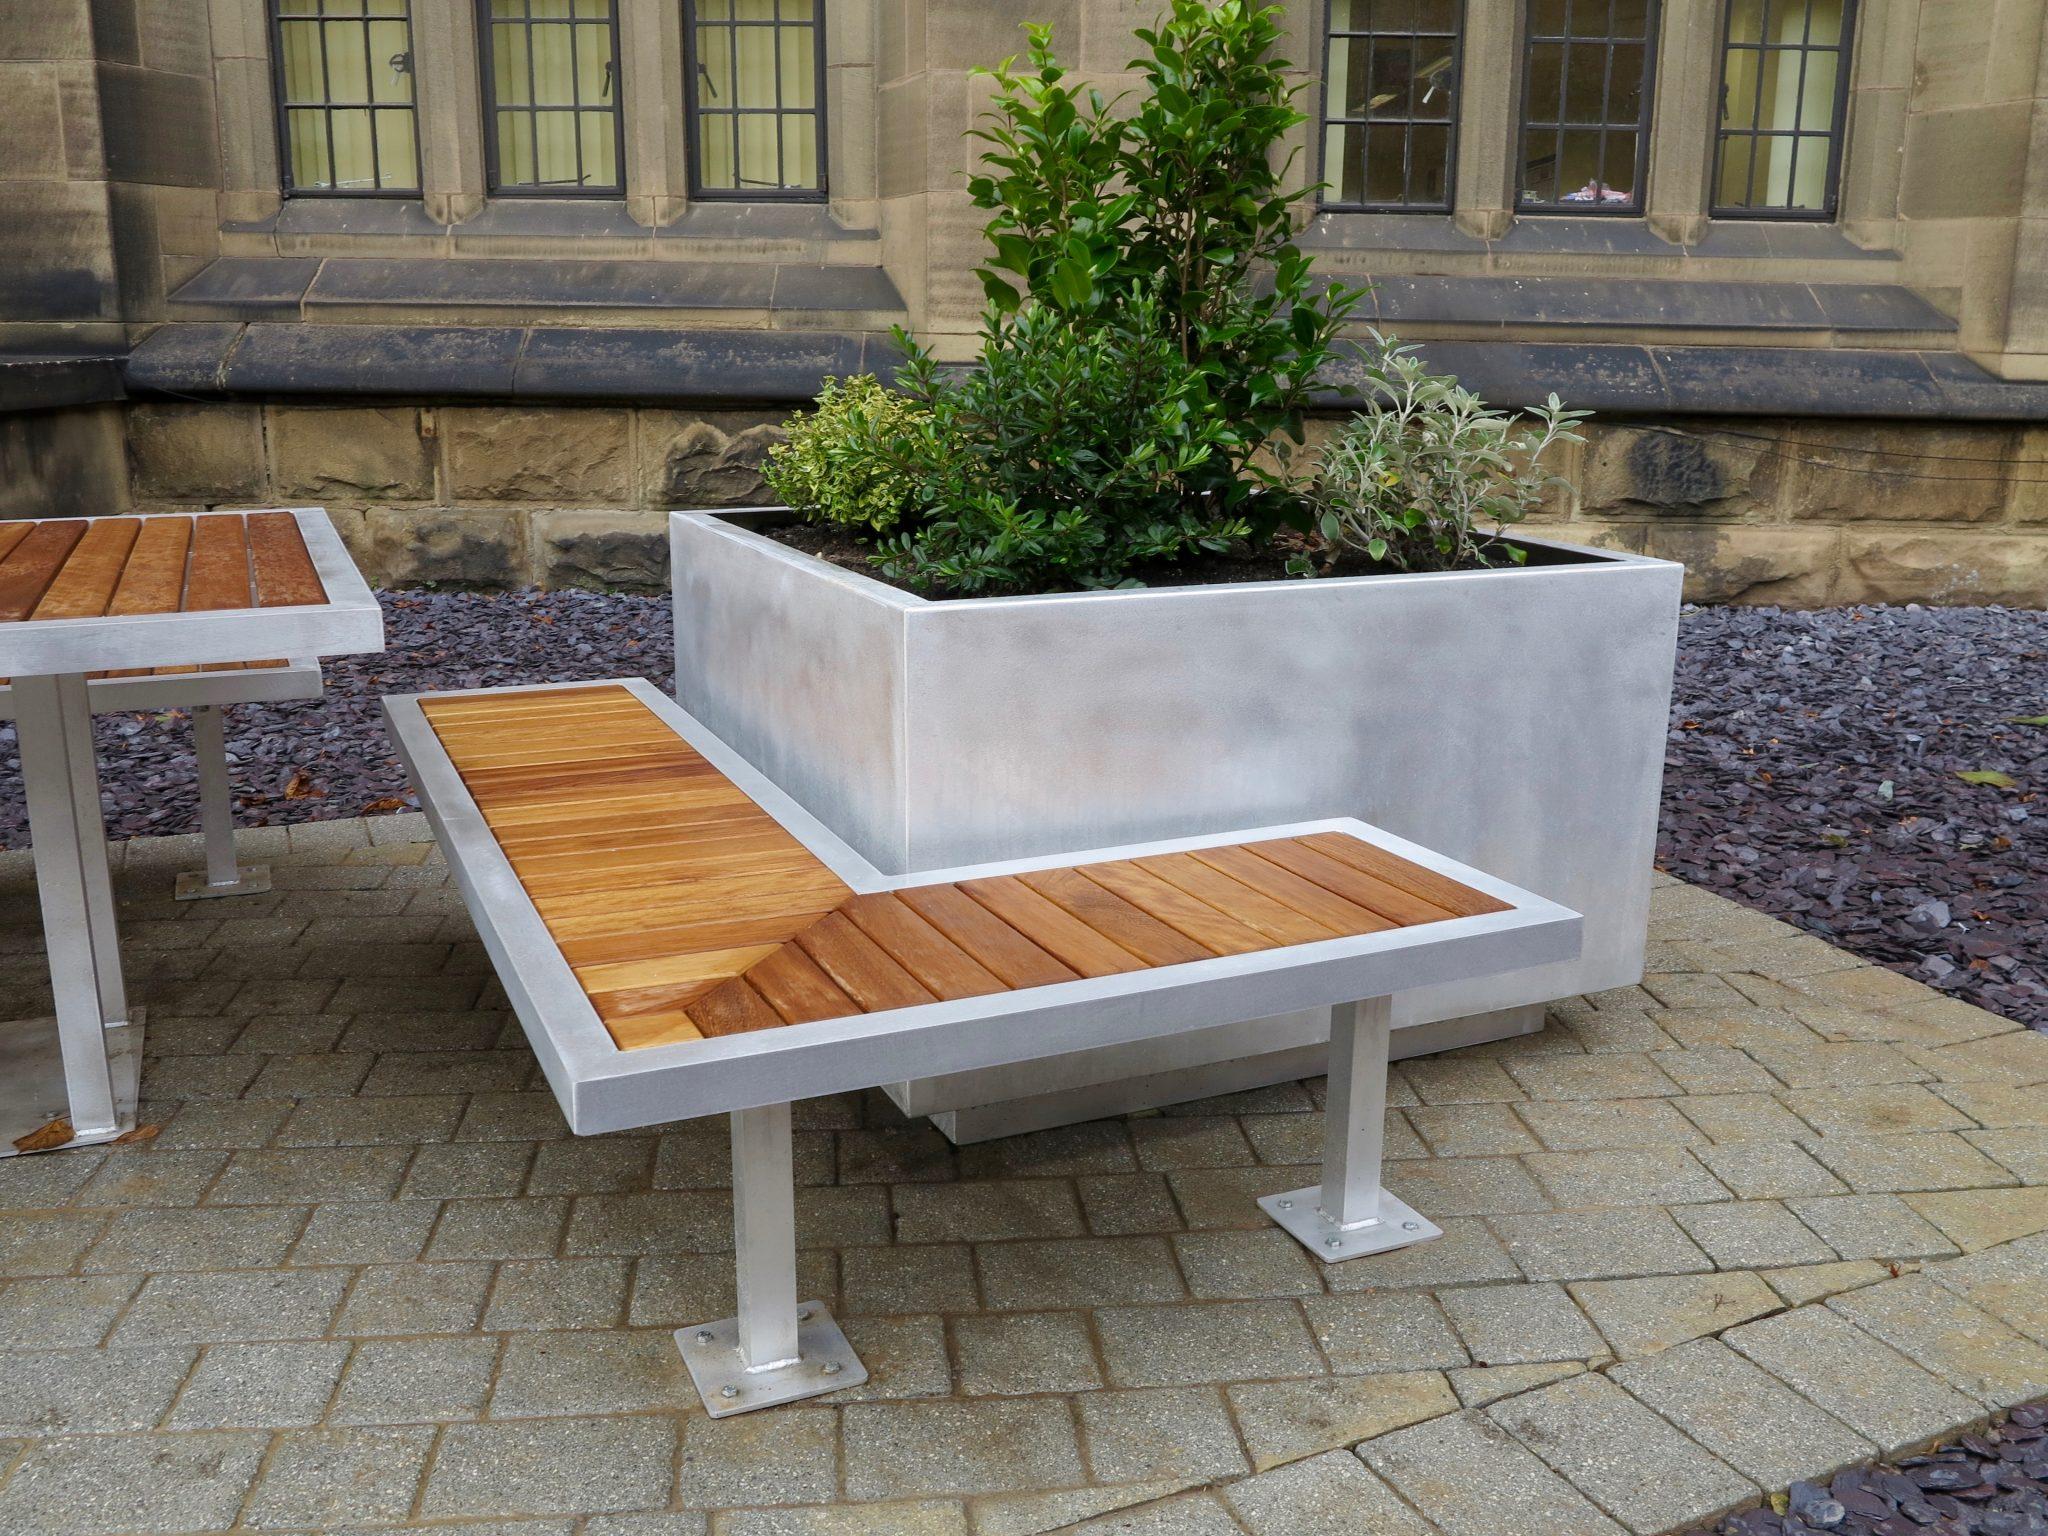 Merveilleux Benchmark Design   Campus Range   Street Furniture   Birmingham Uni   Bench